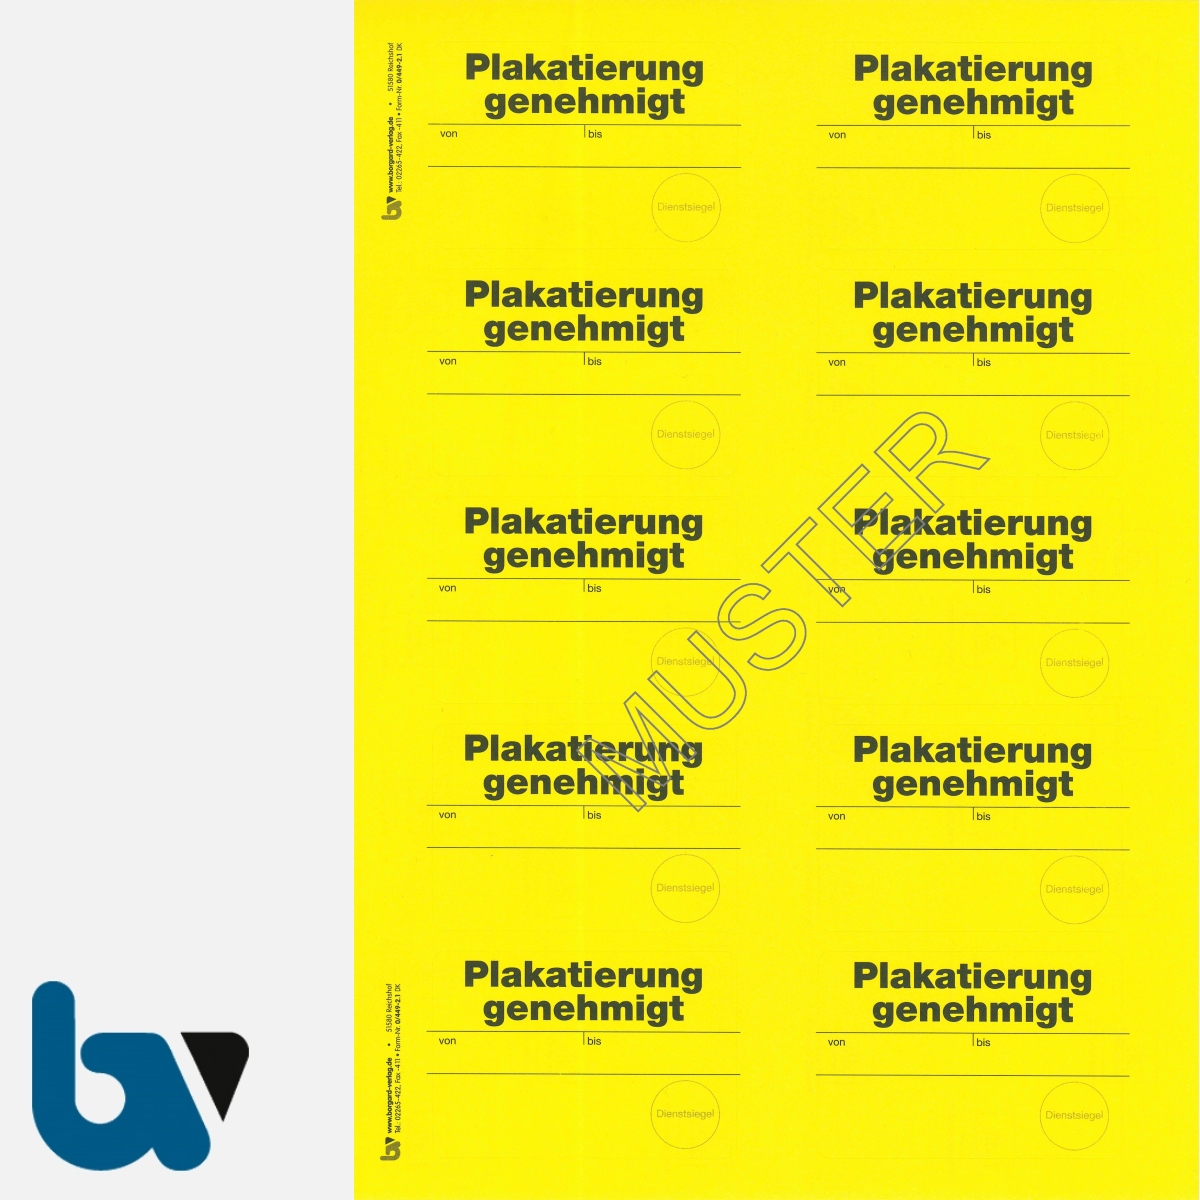 0/449-2.1 Aufkleber Plakatierung genehmigt leucht-gelb 75 50 selbstklebend Bogen 10 stück DIN A4 | Borgard Verlag GmbH